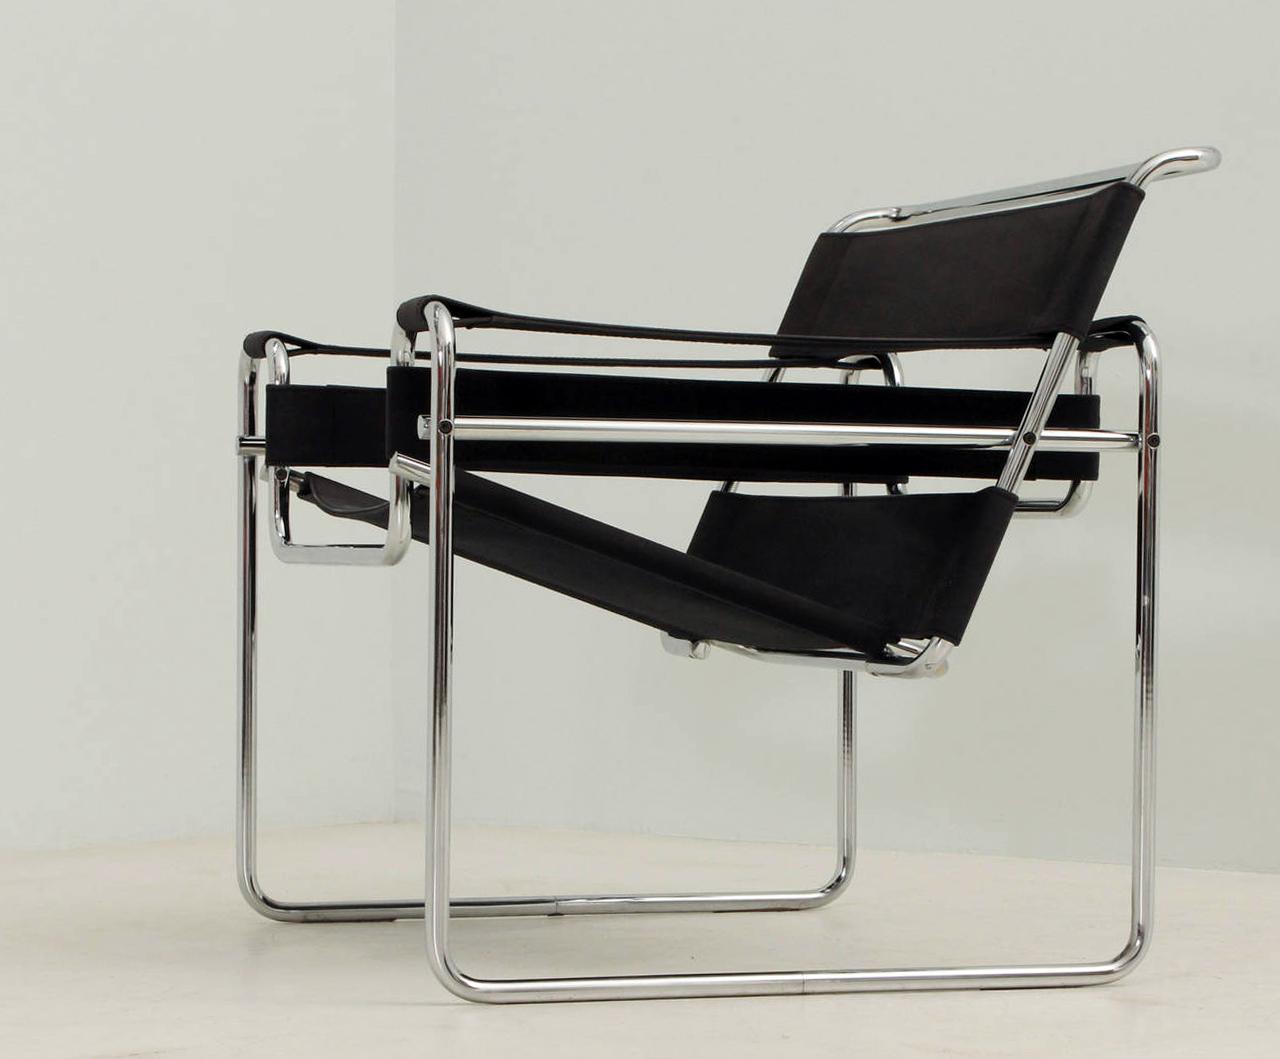 la silla que se inspir en una bicicleta b3 la silla wassily vilanova pe a. Black Bedroom Furniture Sets. Home Design Ideas